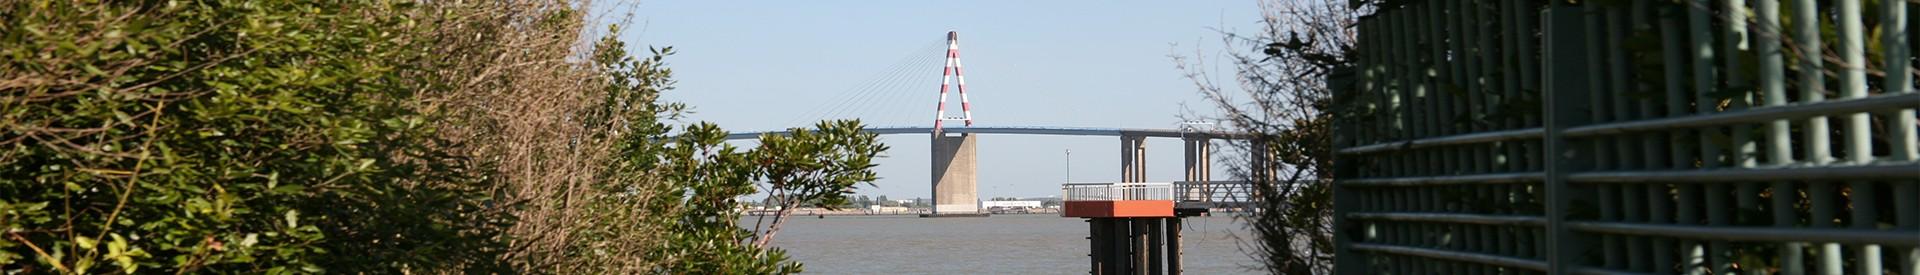 pont-banniere-154